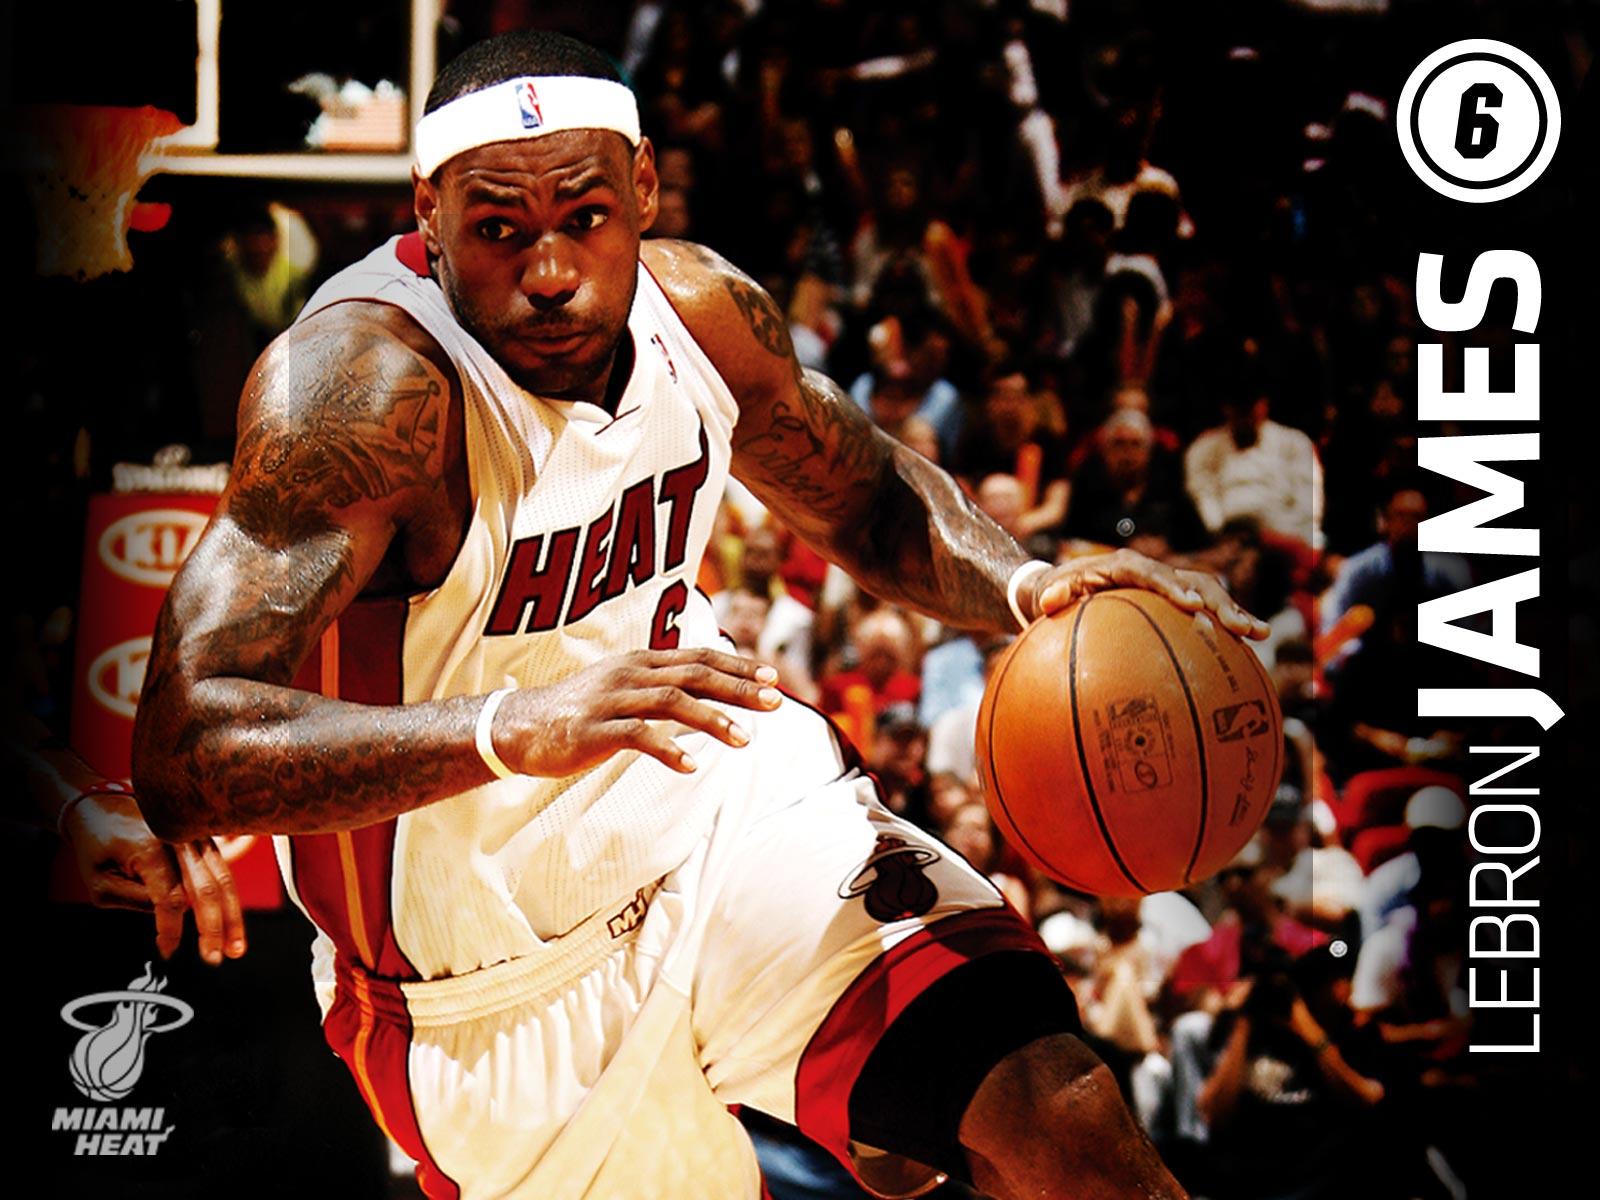 Sports - Miami Heat  Wallpaper